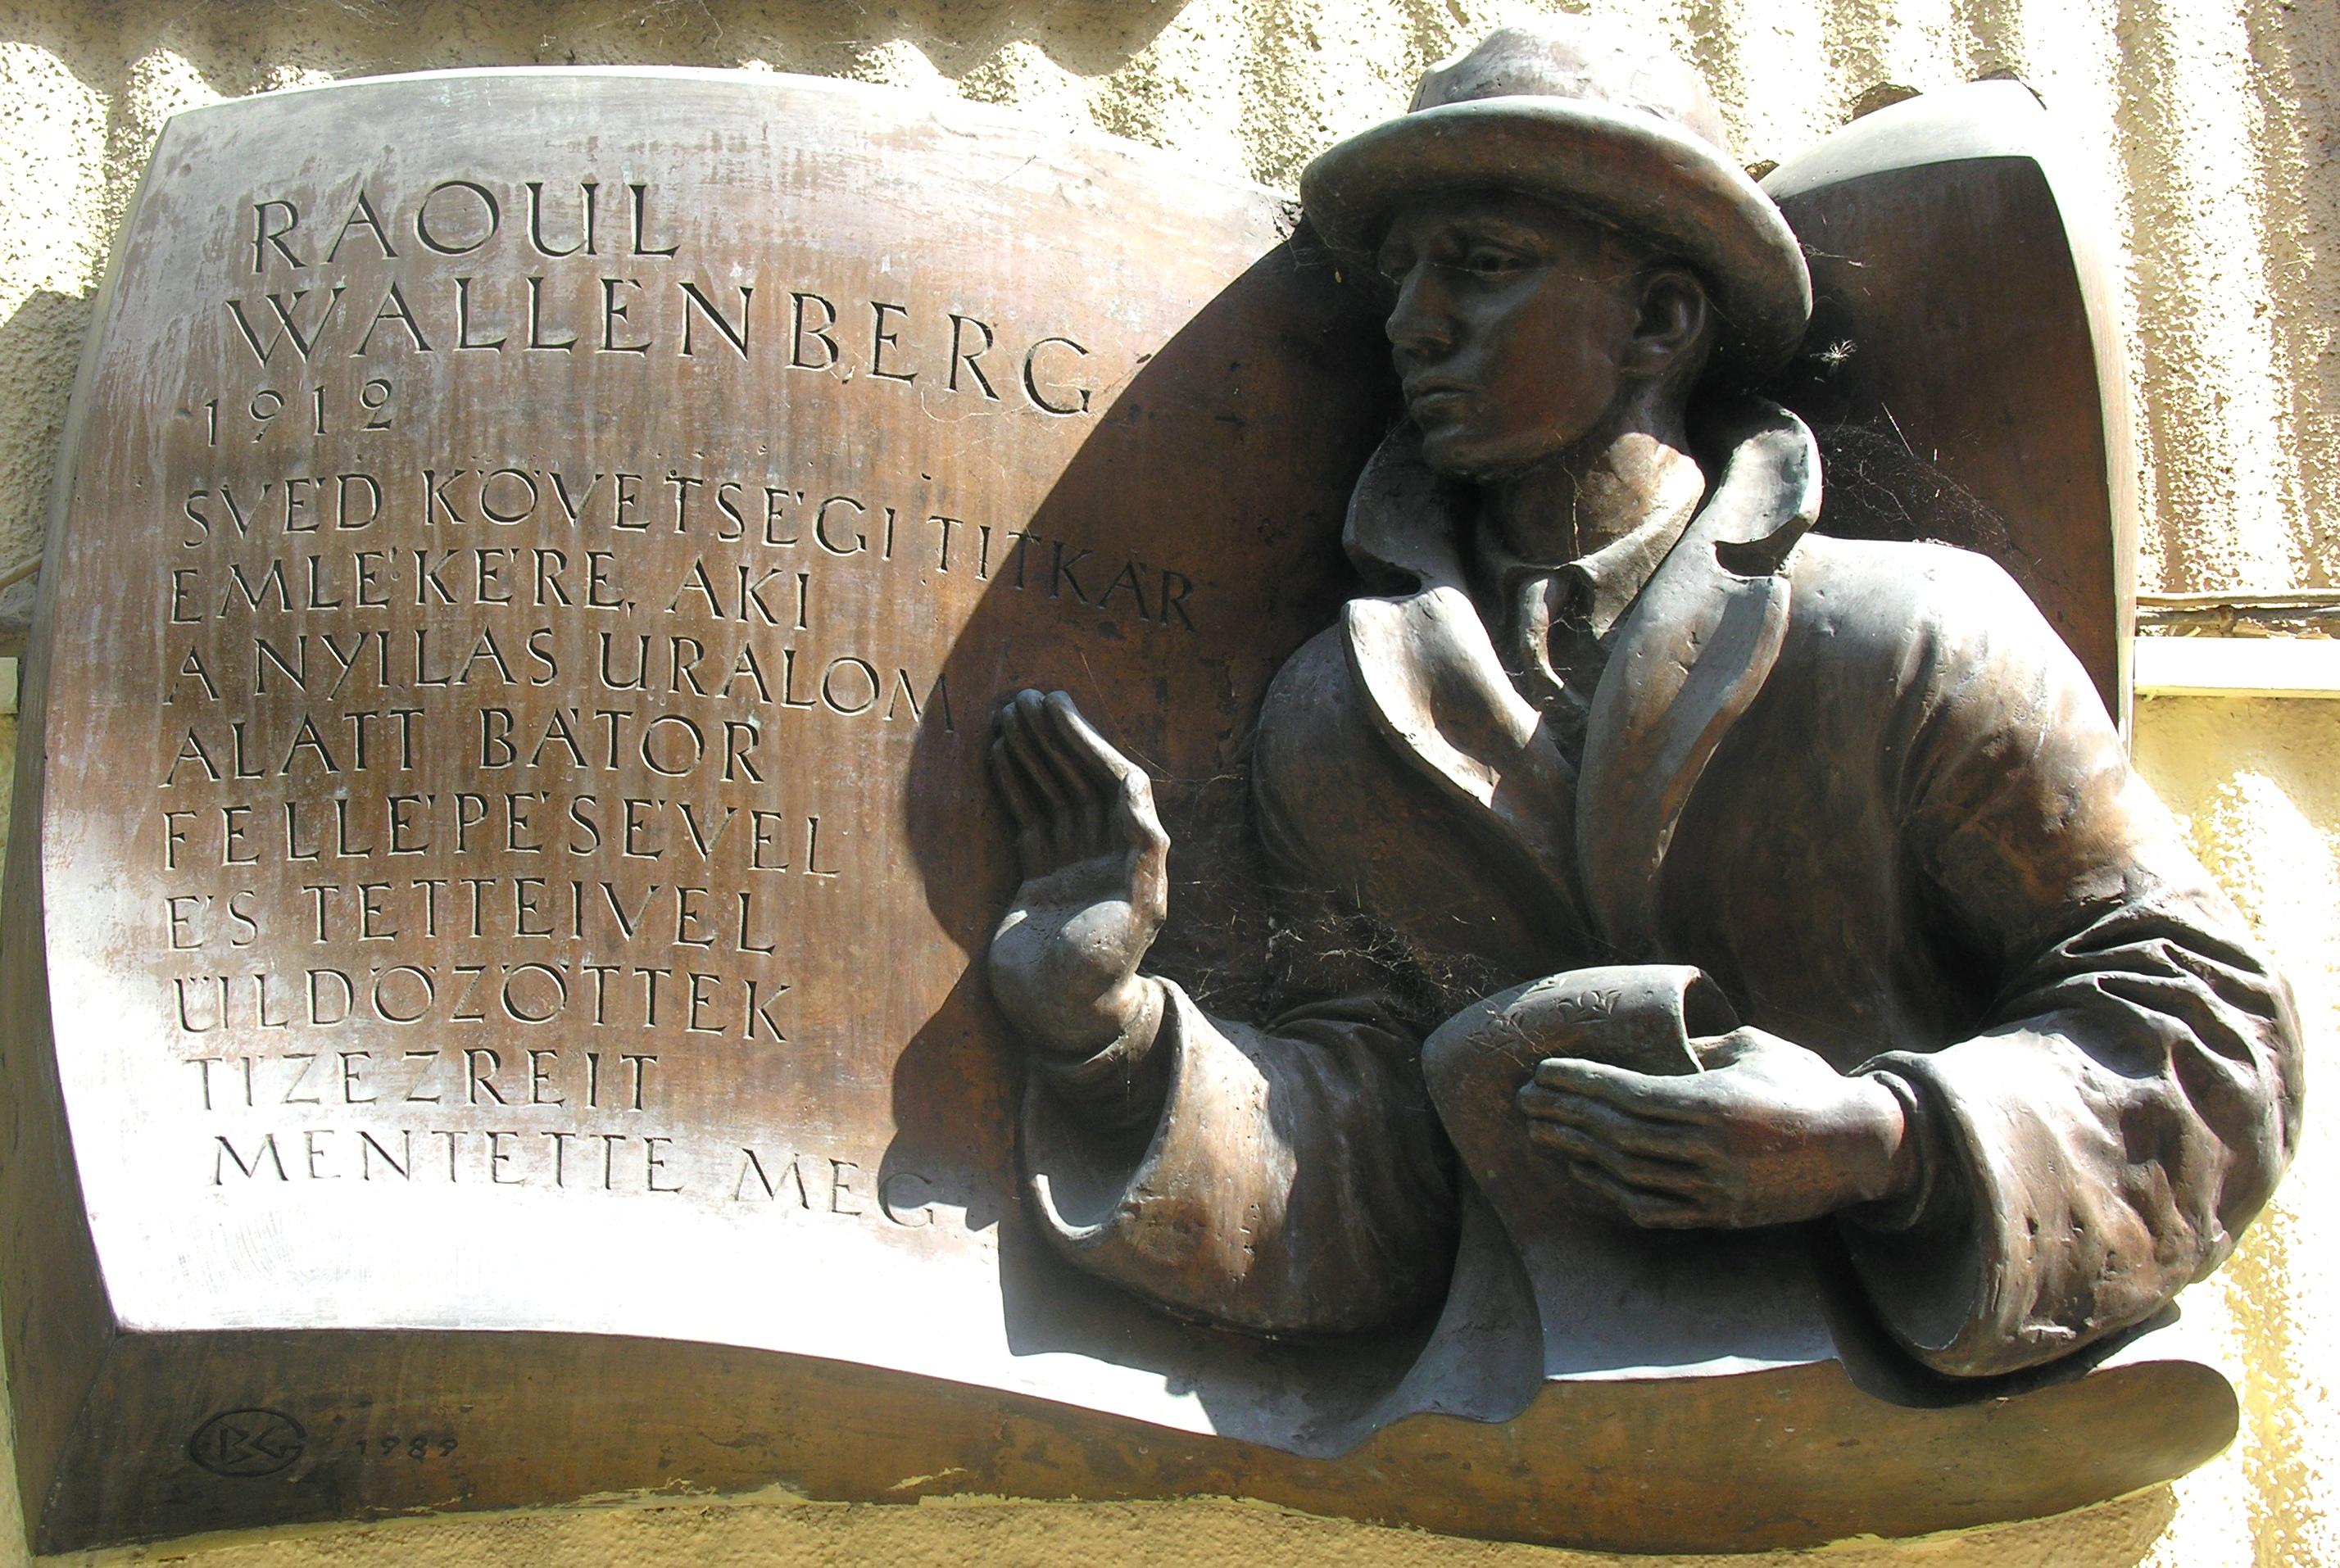 Placa en honor a Raoul Wallenberg en Budapest, Hungría